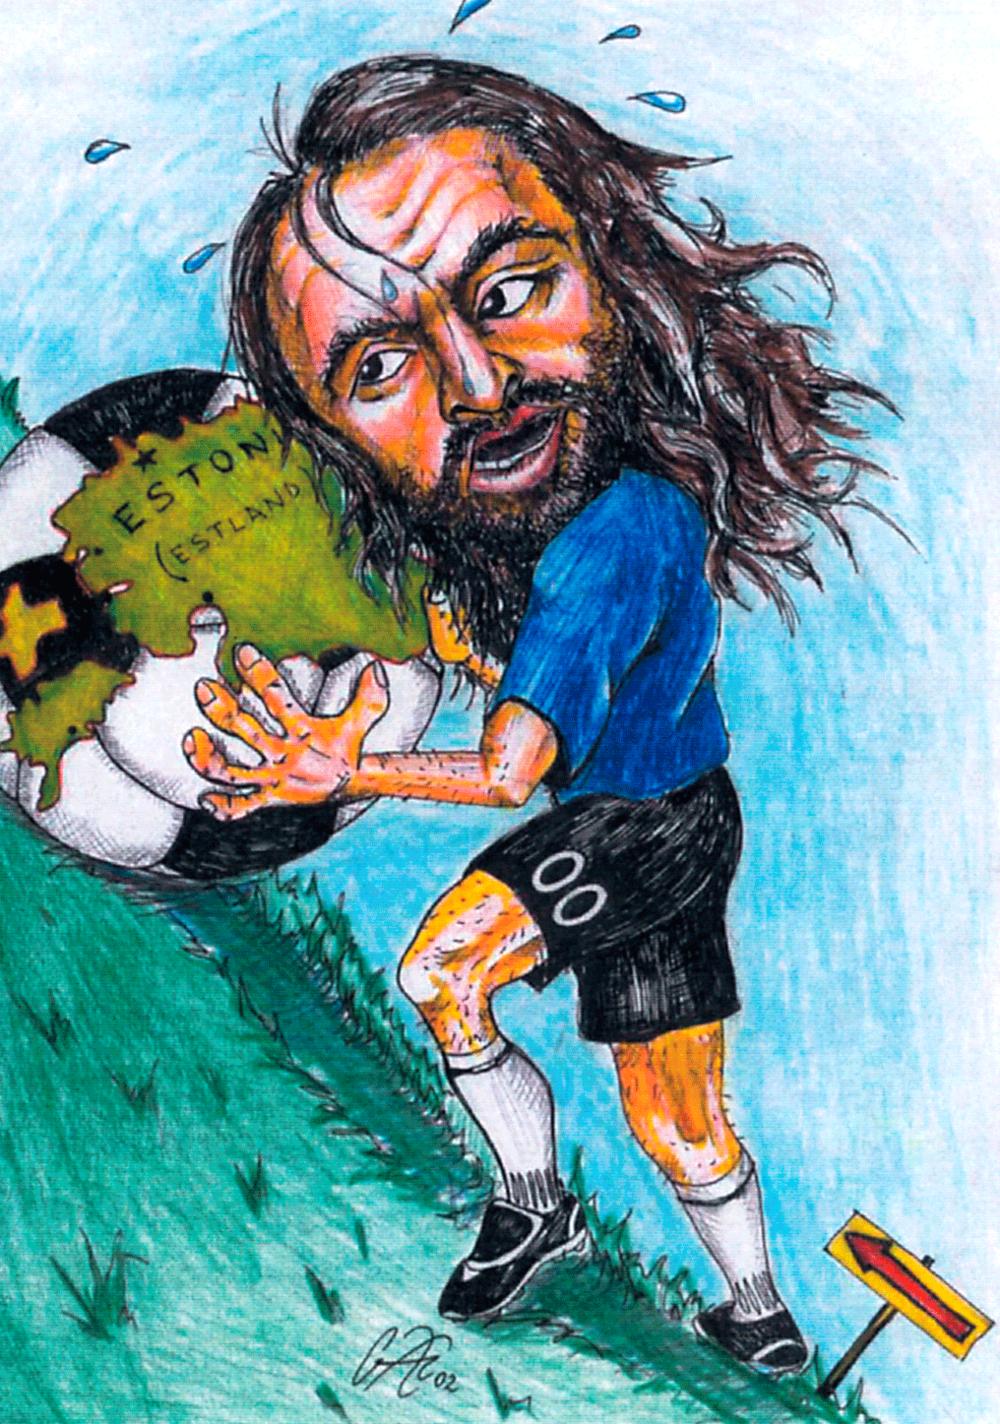 Aivar Pohlak in an illustration by Jan Garshnek (www.garshnek.com)